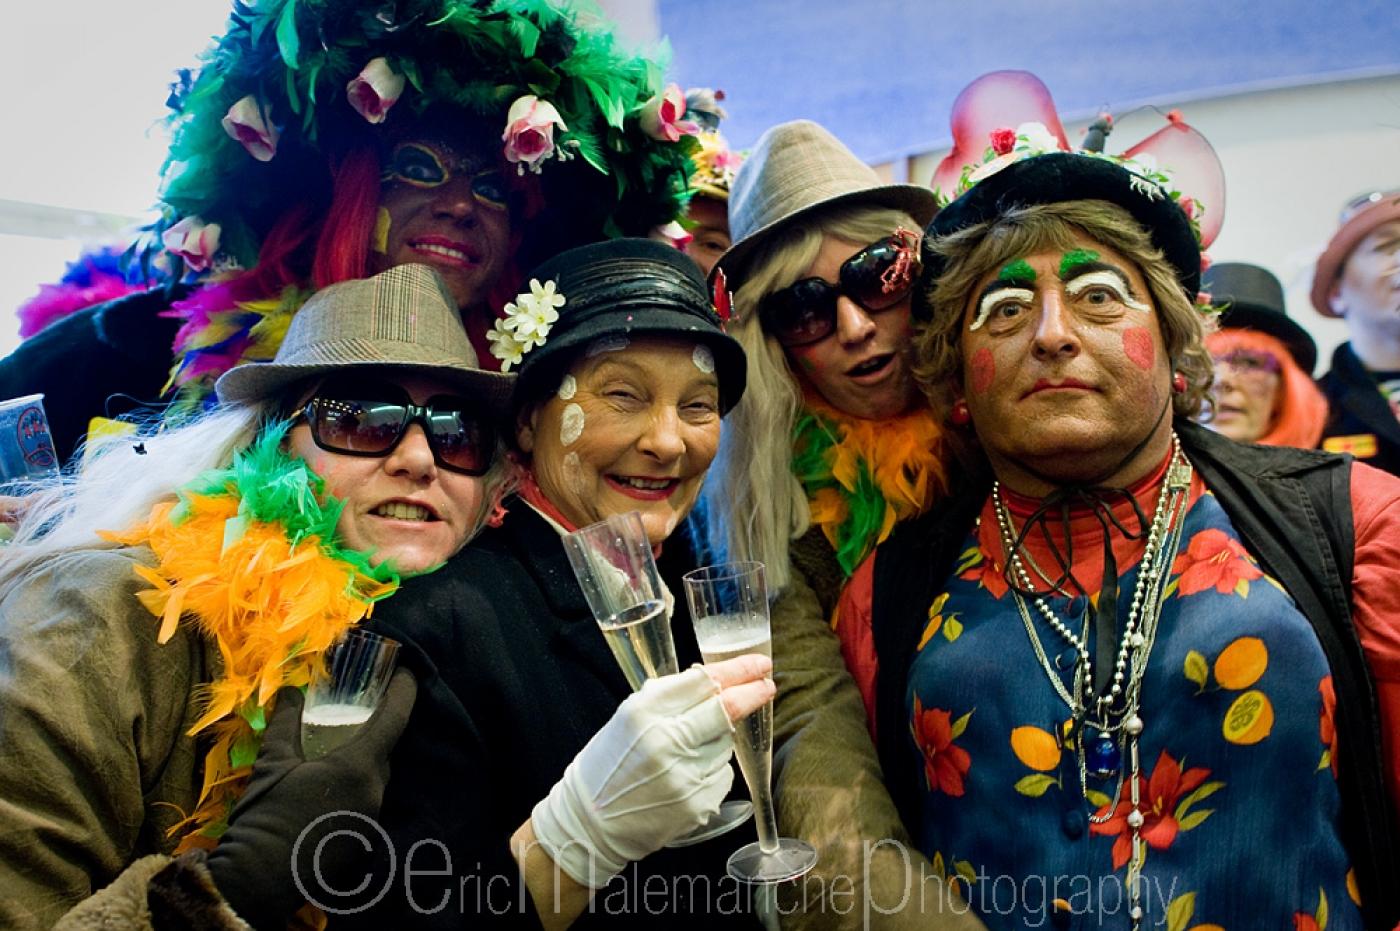 http://www.ericmalemanche.com/imagess/topics/carnaval-de-dunkerque/liste/Carnaval-Dunkerque-1584.jpg